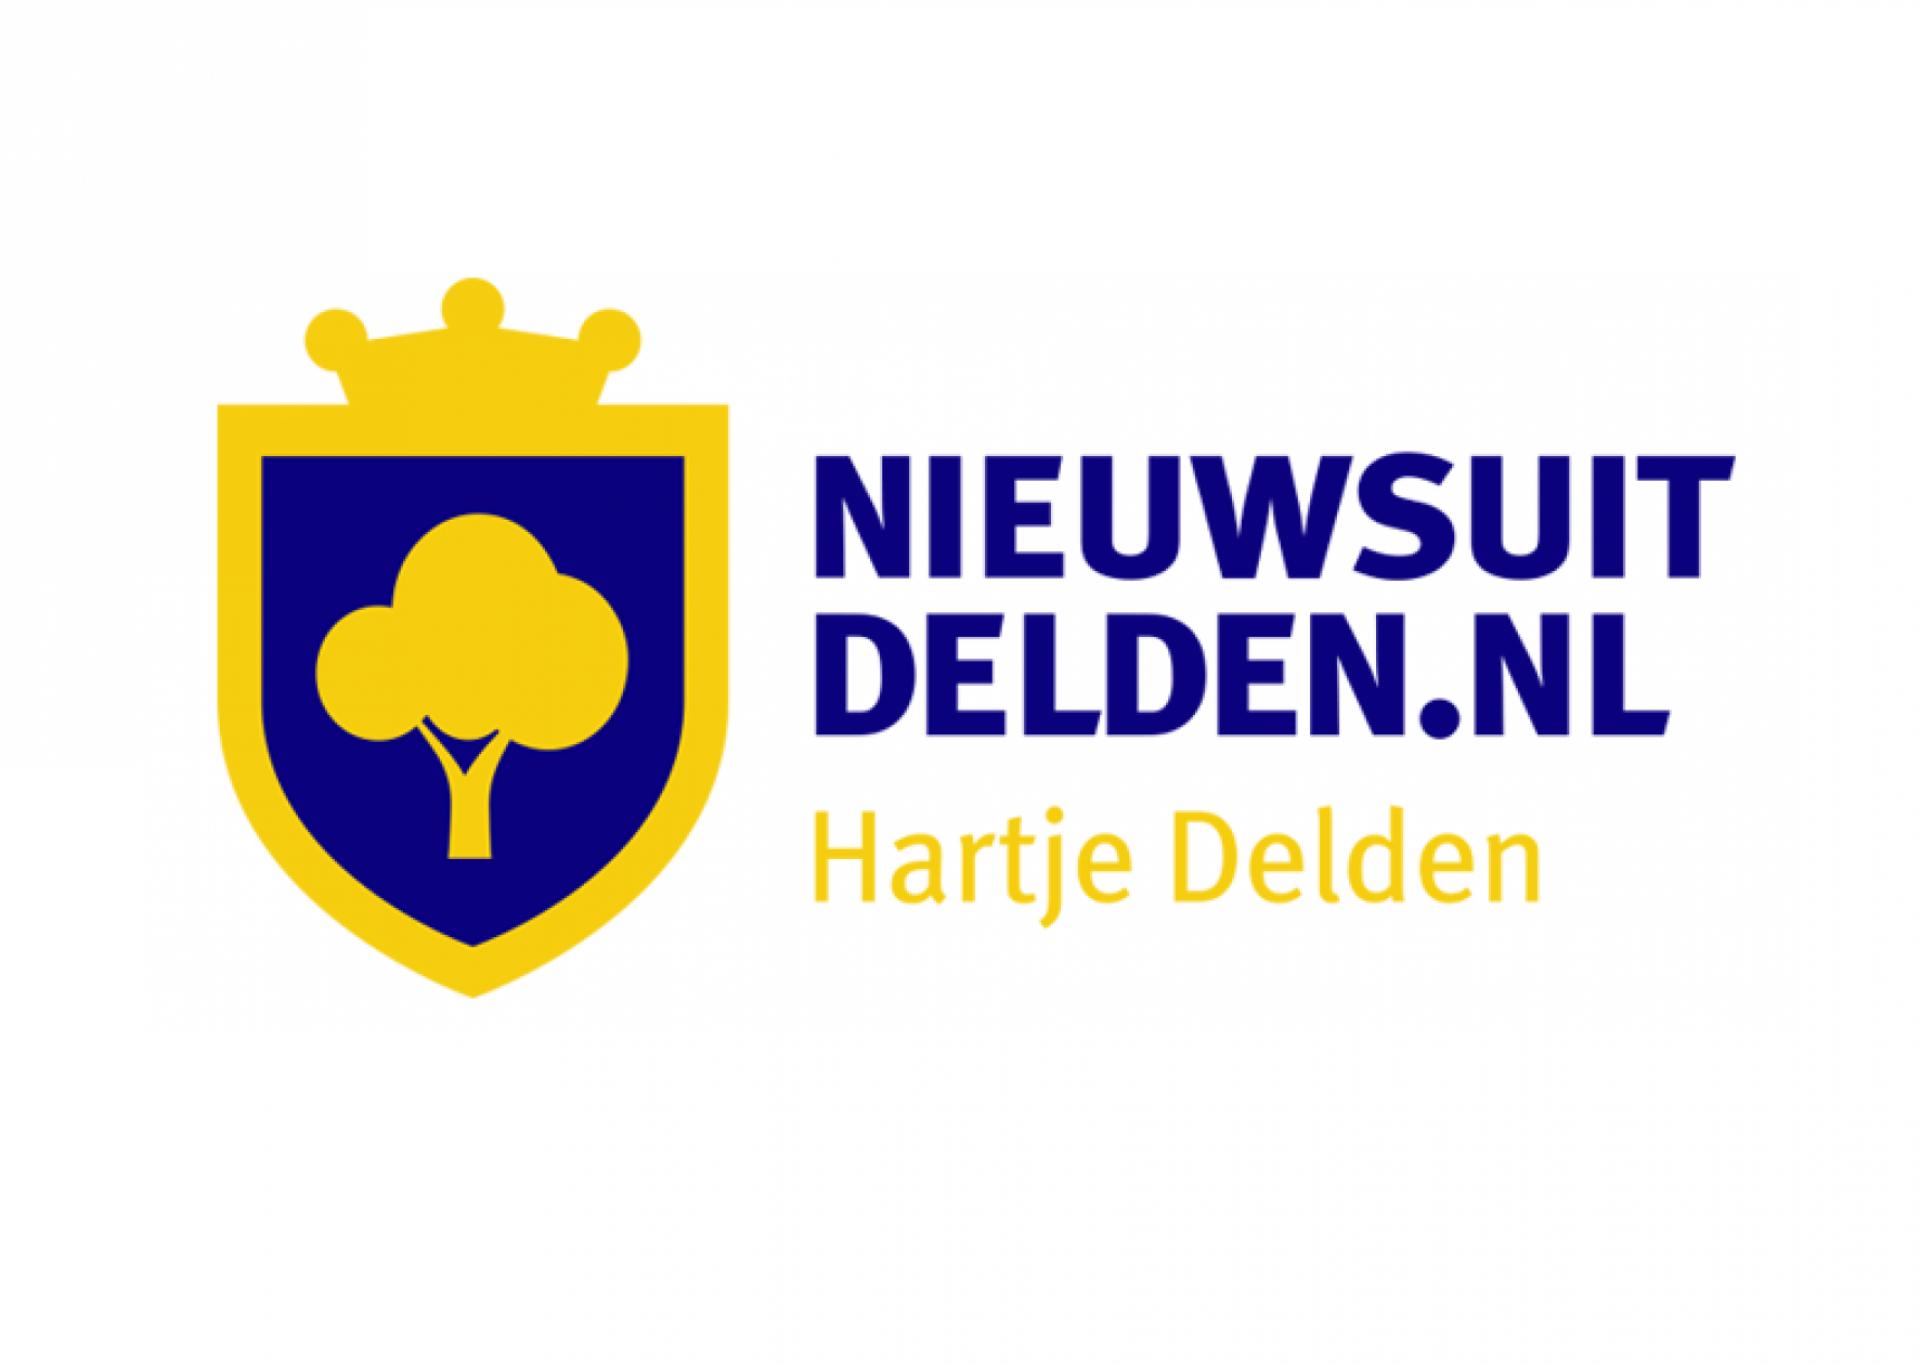 Jaaroverzicht Nieuws uit Delden 2018 - Deel 4